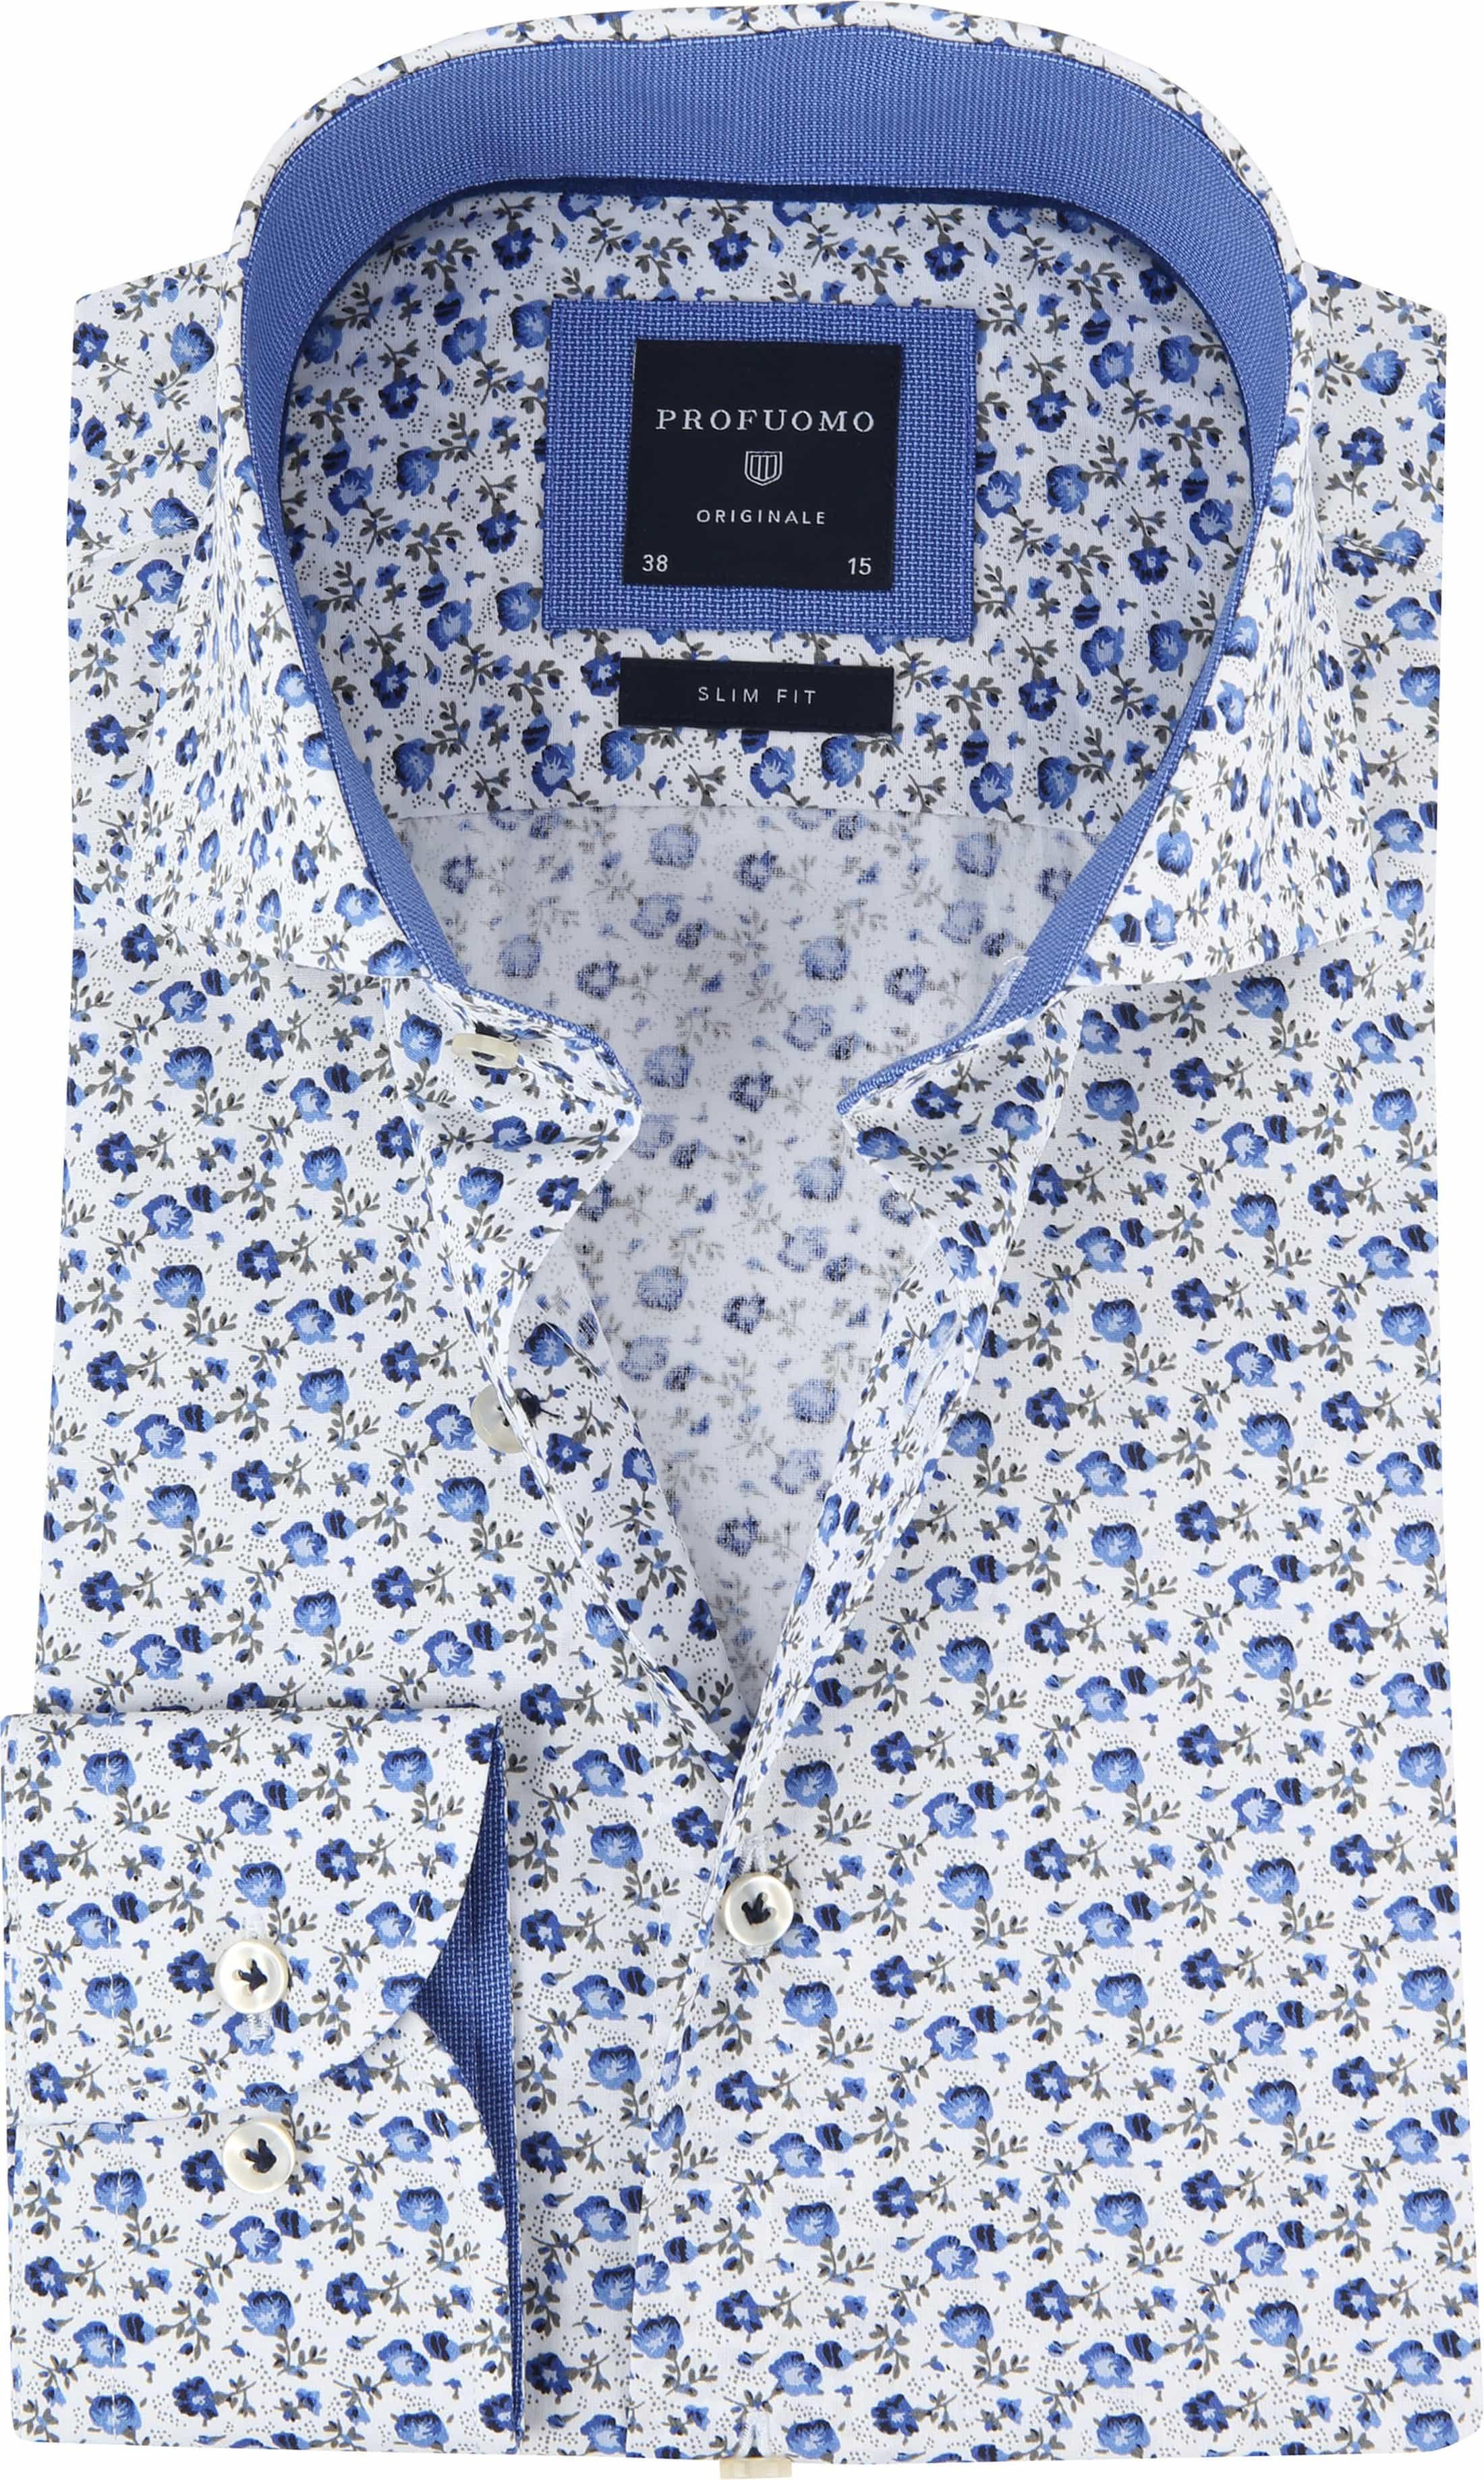 Profuomo Overhemd CAW Bloemen foto 0